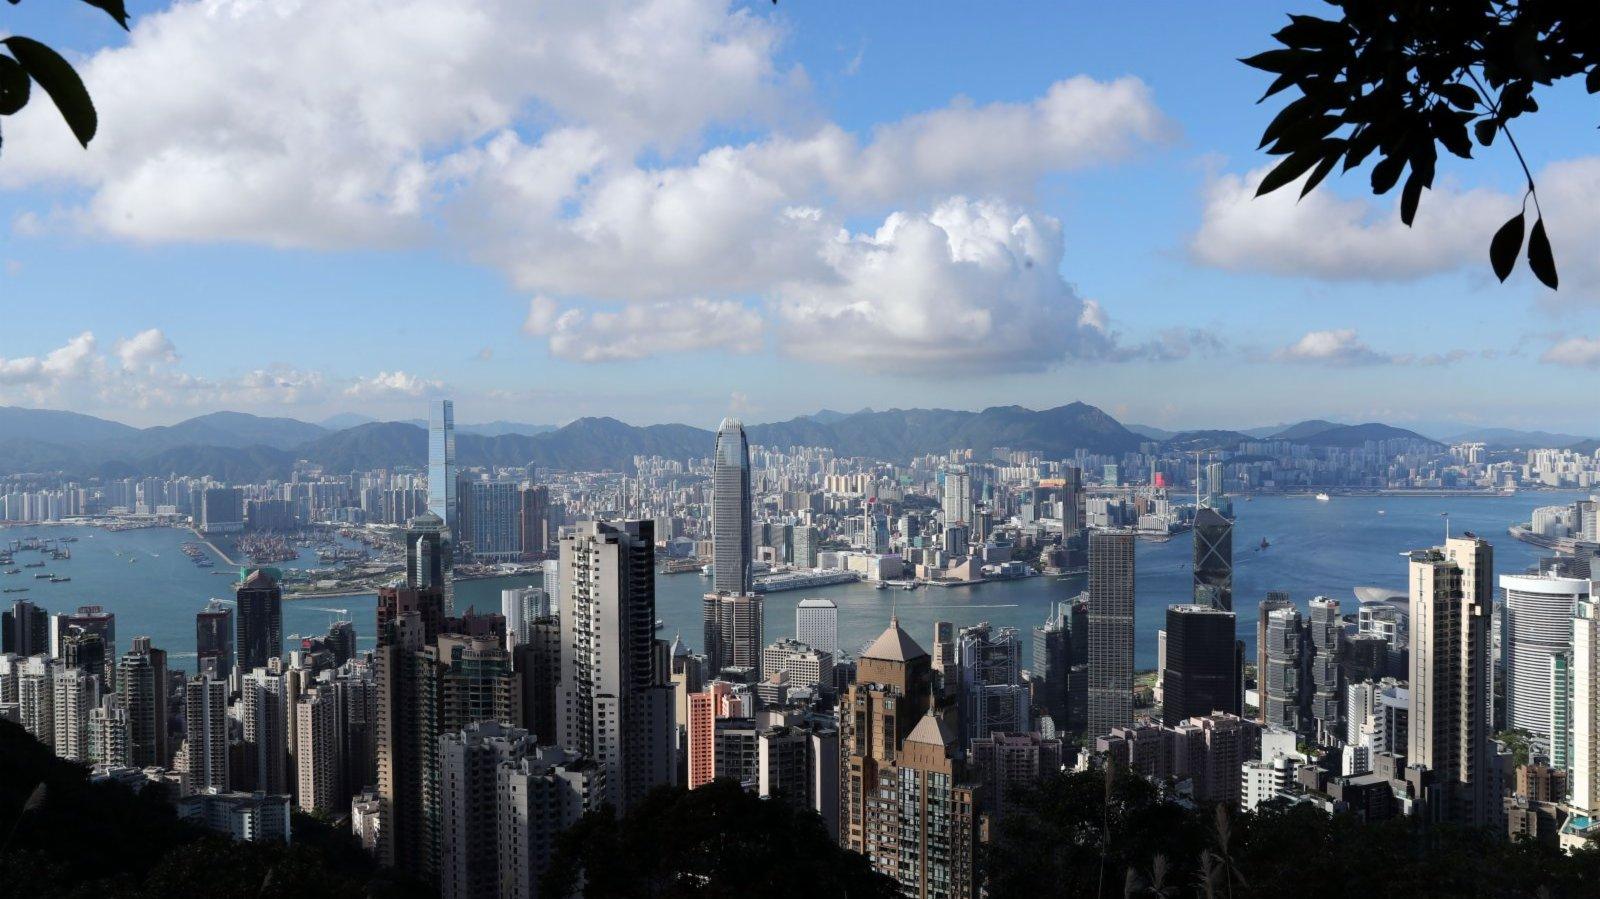 李建紅:完善選舉制度 香港定能再創發展奇跡